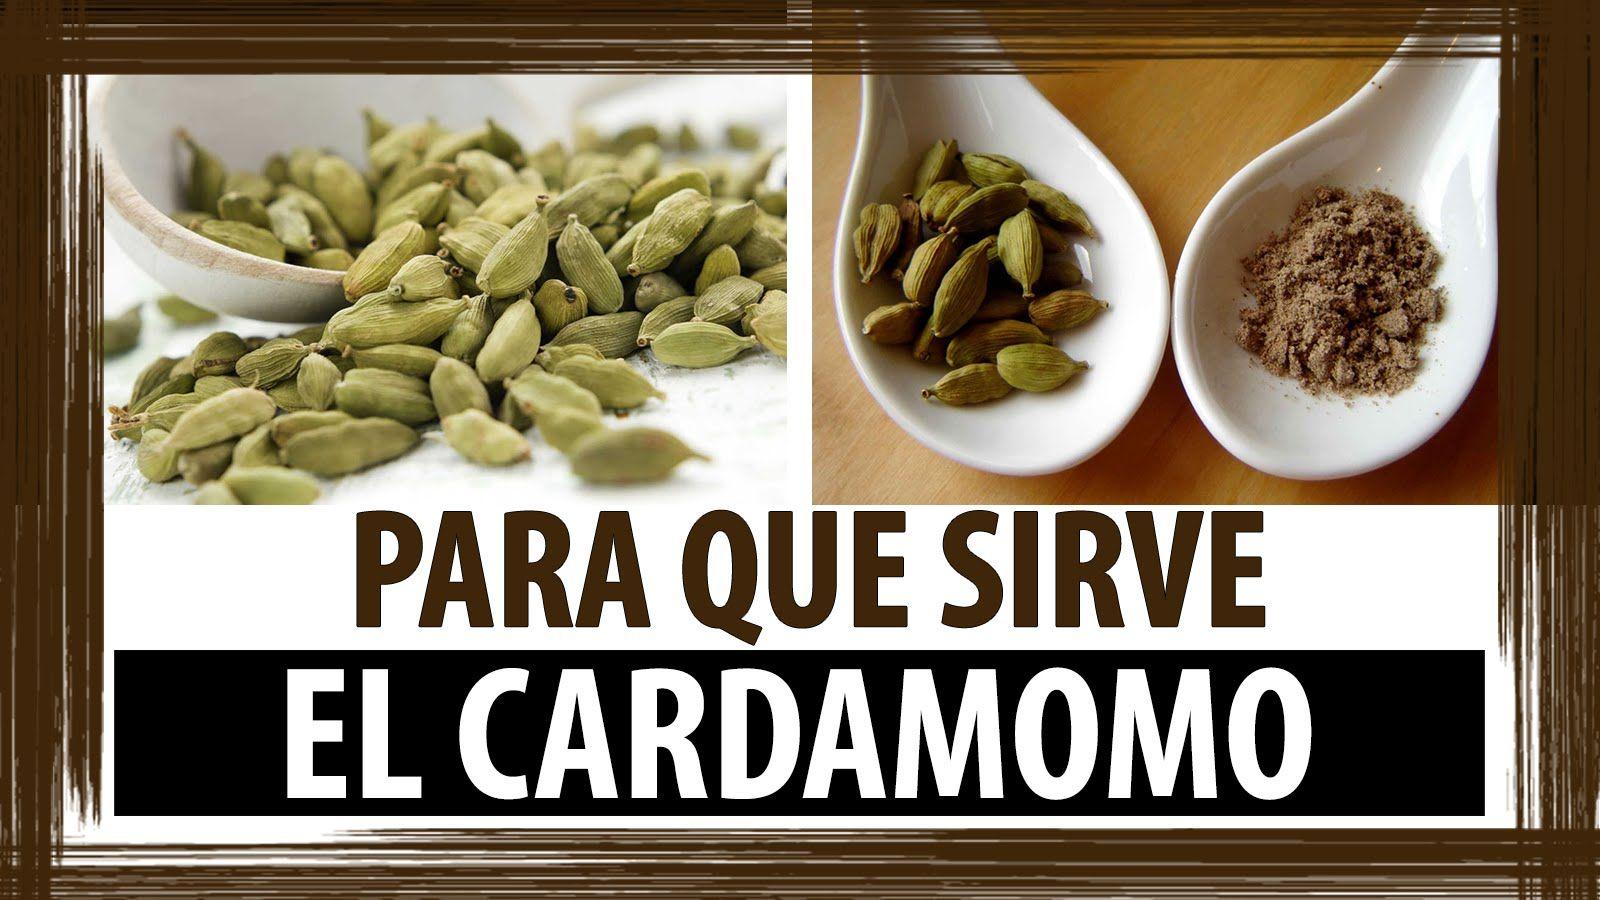 Para Que Sirve El Cardamomo Cardamomo Propiedades Medicinales Beneficios Del Cardamomo Cardamomo Propiedades Cardamomo Beneficios Cardamomo